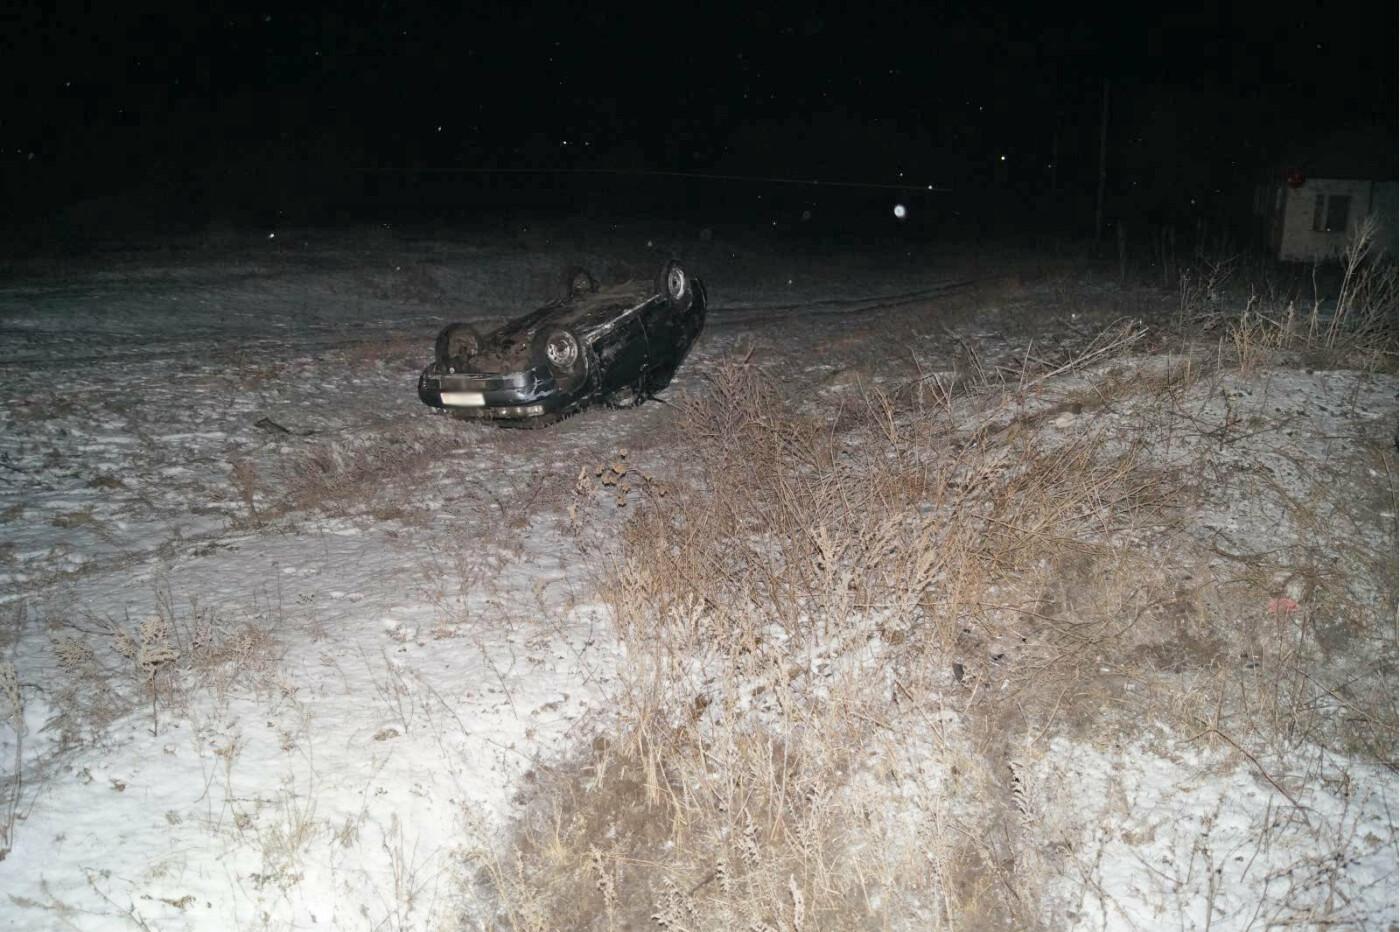 На сельской дороге в Мордовском районе перевернулась легковушка, двое в больнице, фото-1